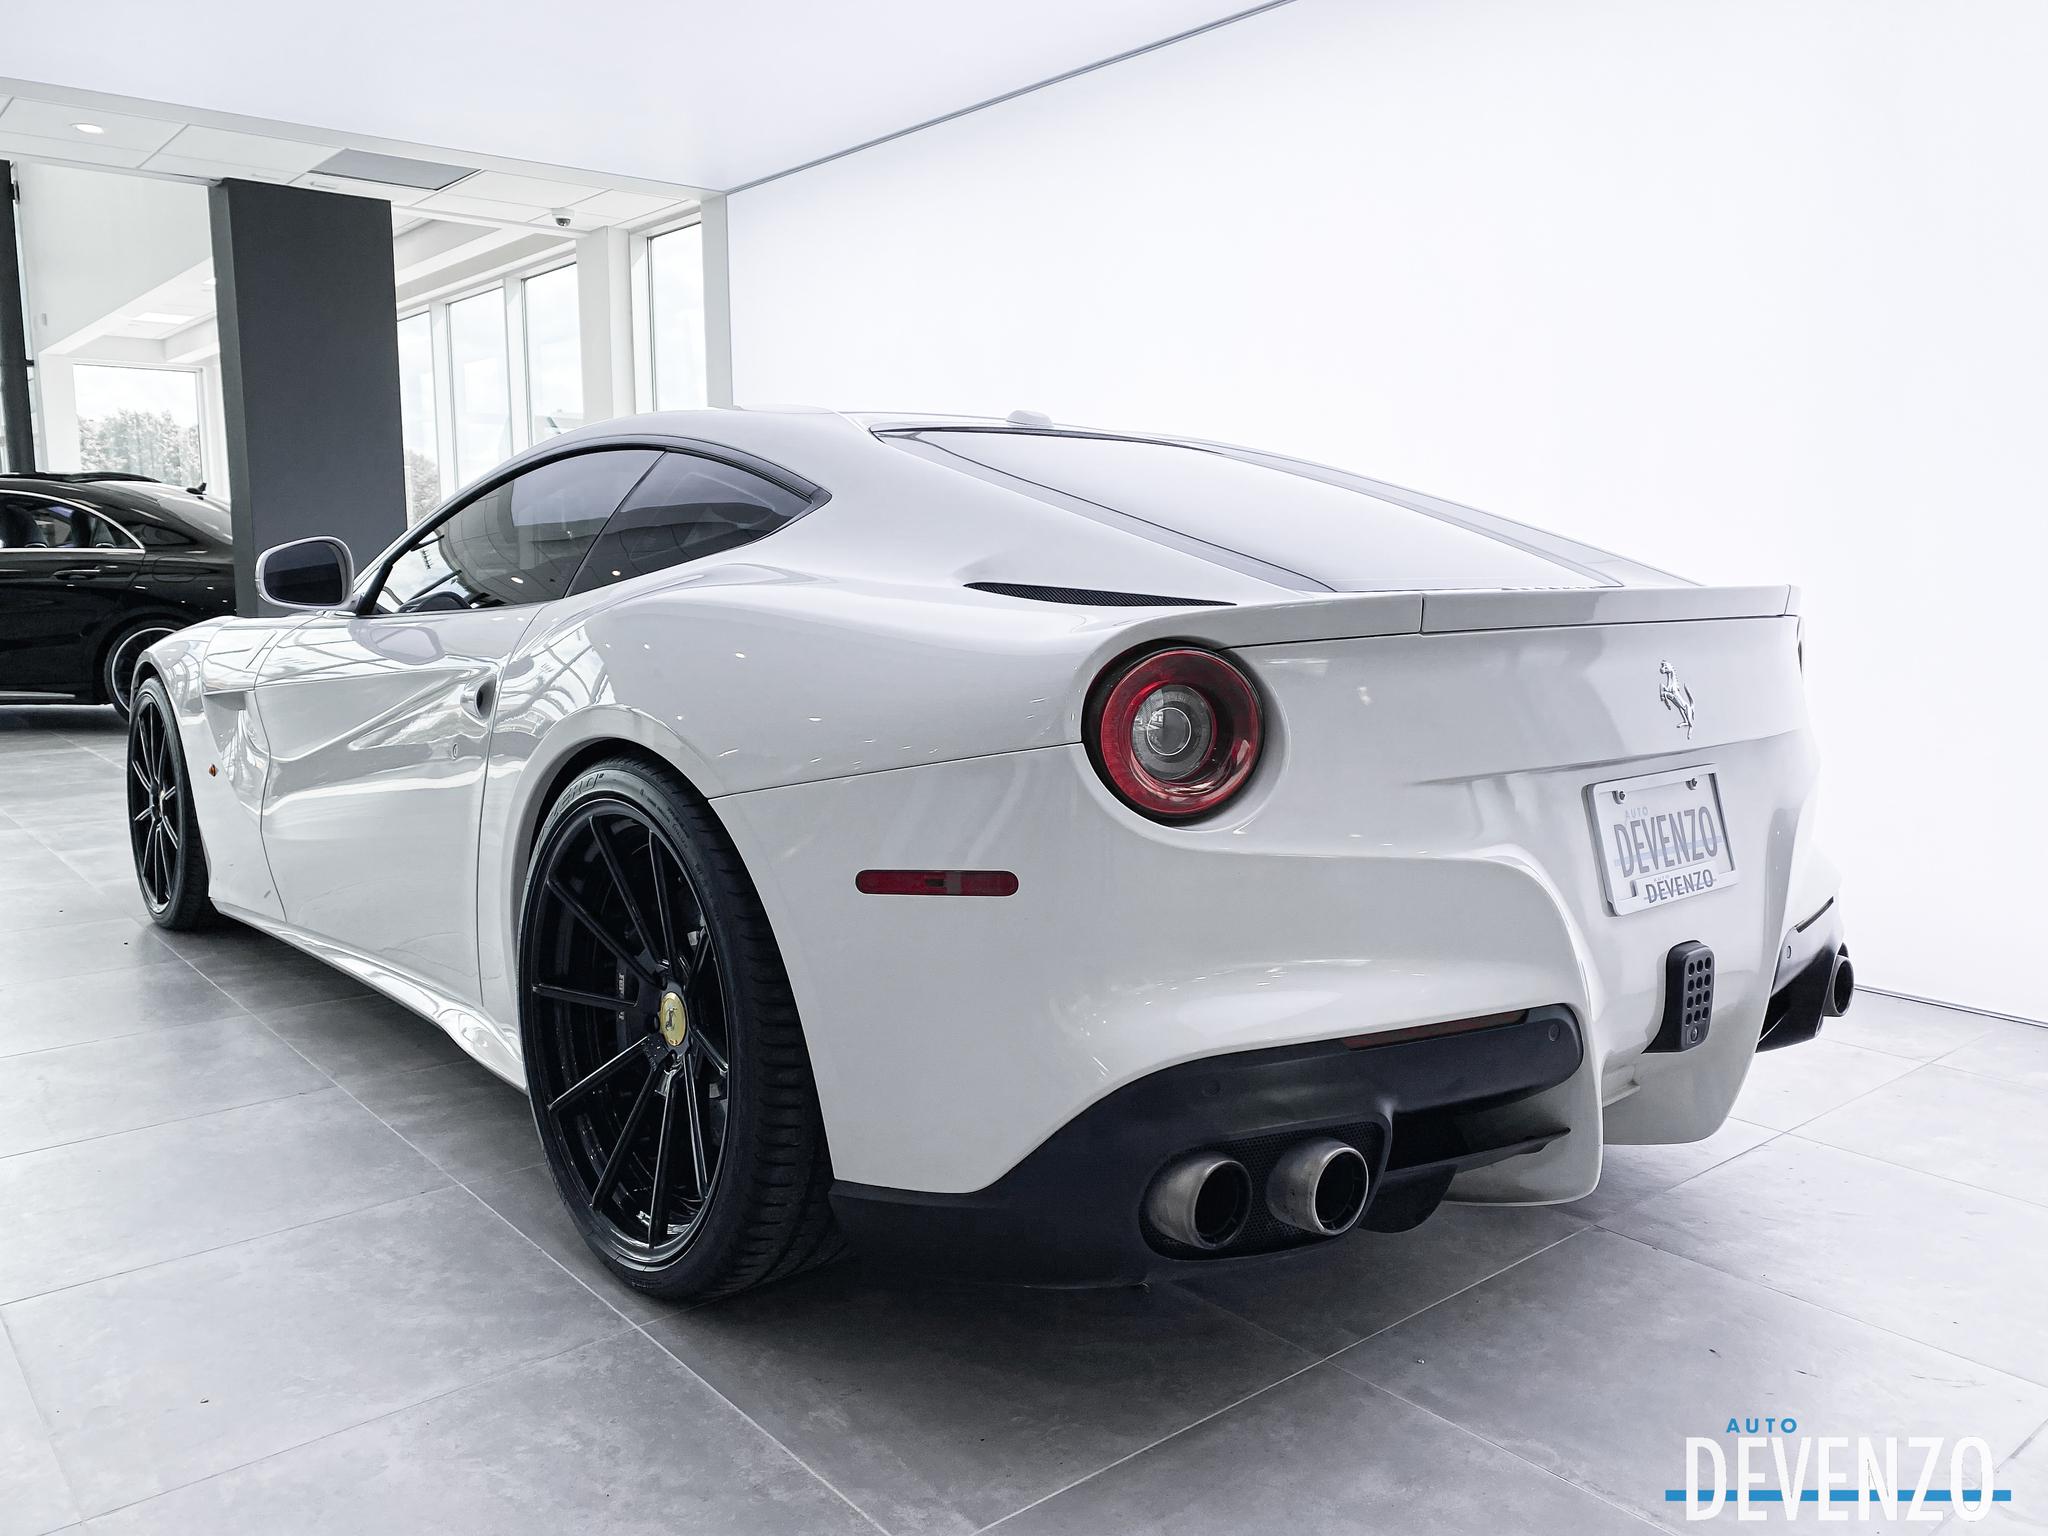 2014 Ferrari F12berlinetta F12 Berlinetta Coupe 6.3 V12 complet